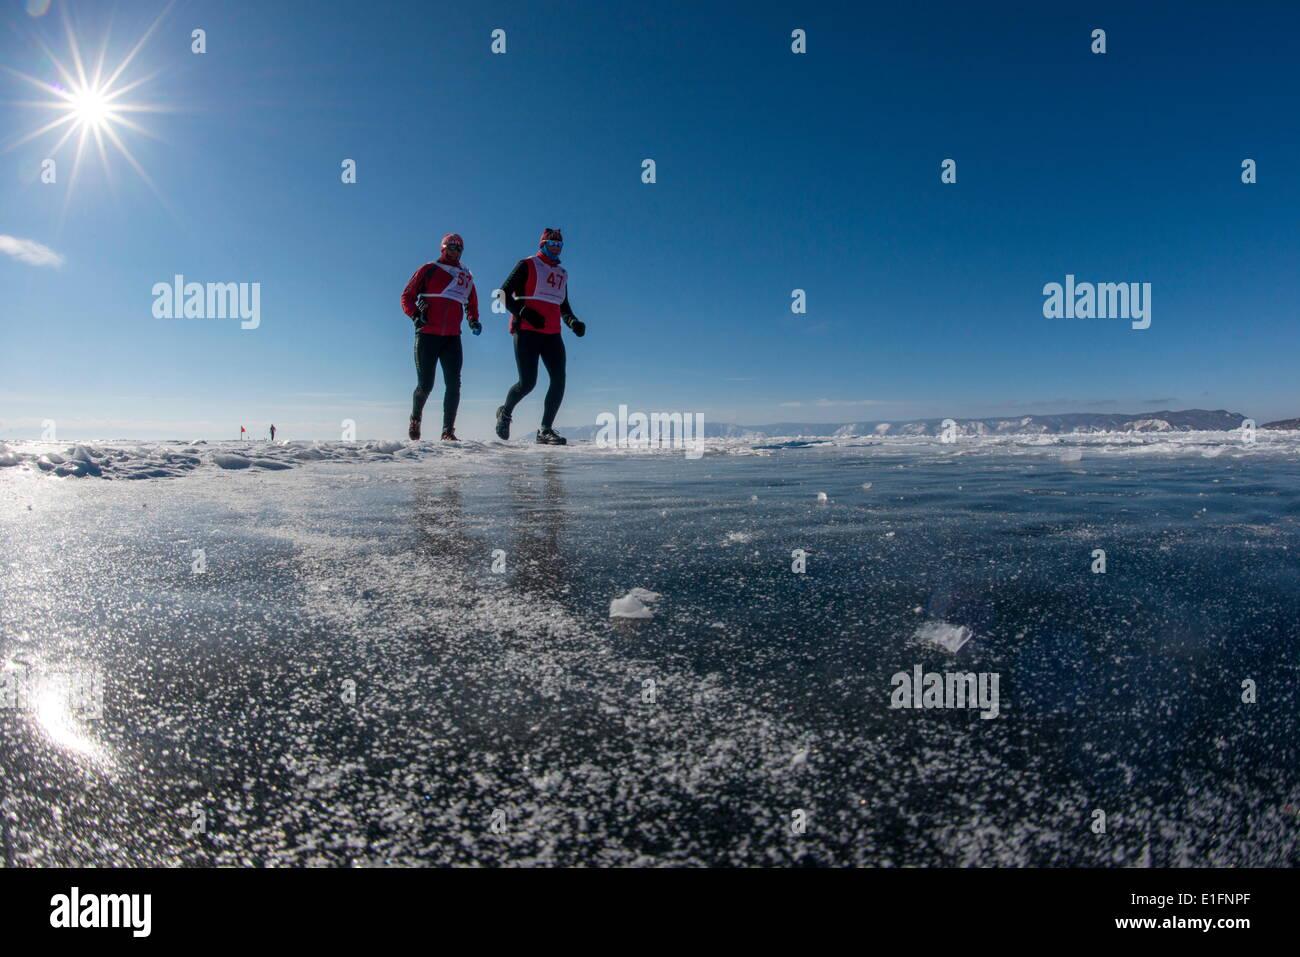 Runners in the 10th Baikal Ice Marathon, run on the frozen surface of the world's largest lake, Siberia, Irkutsk Oblast, Russia - Stock Image